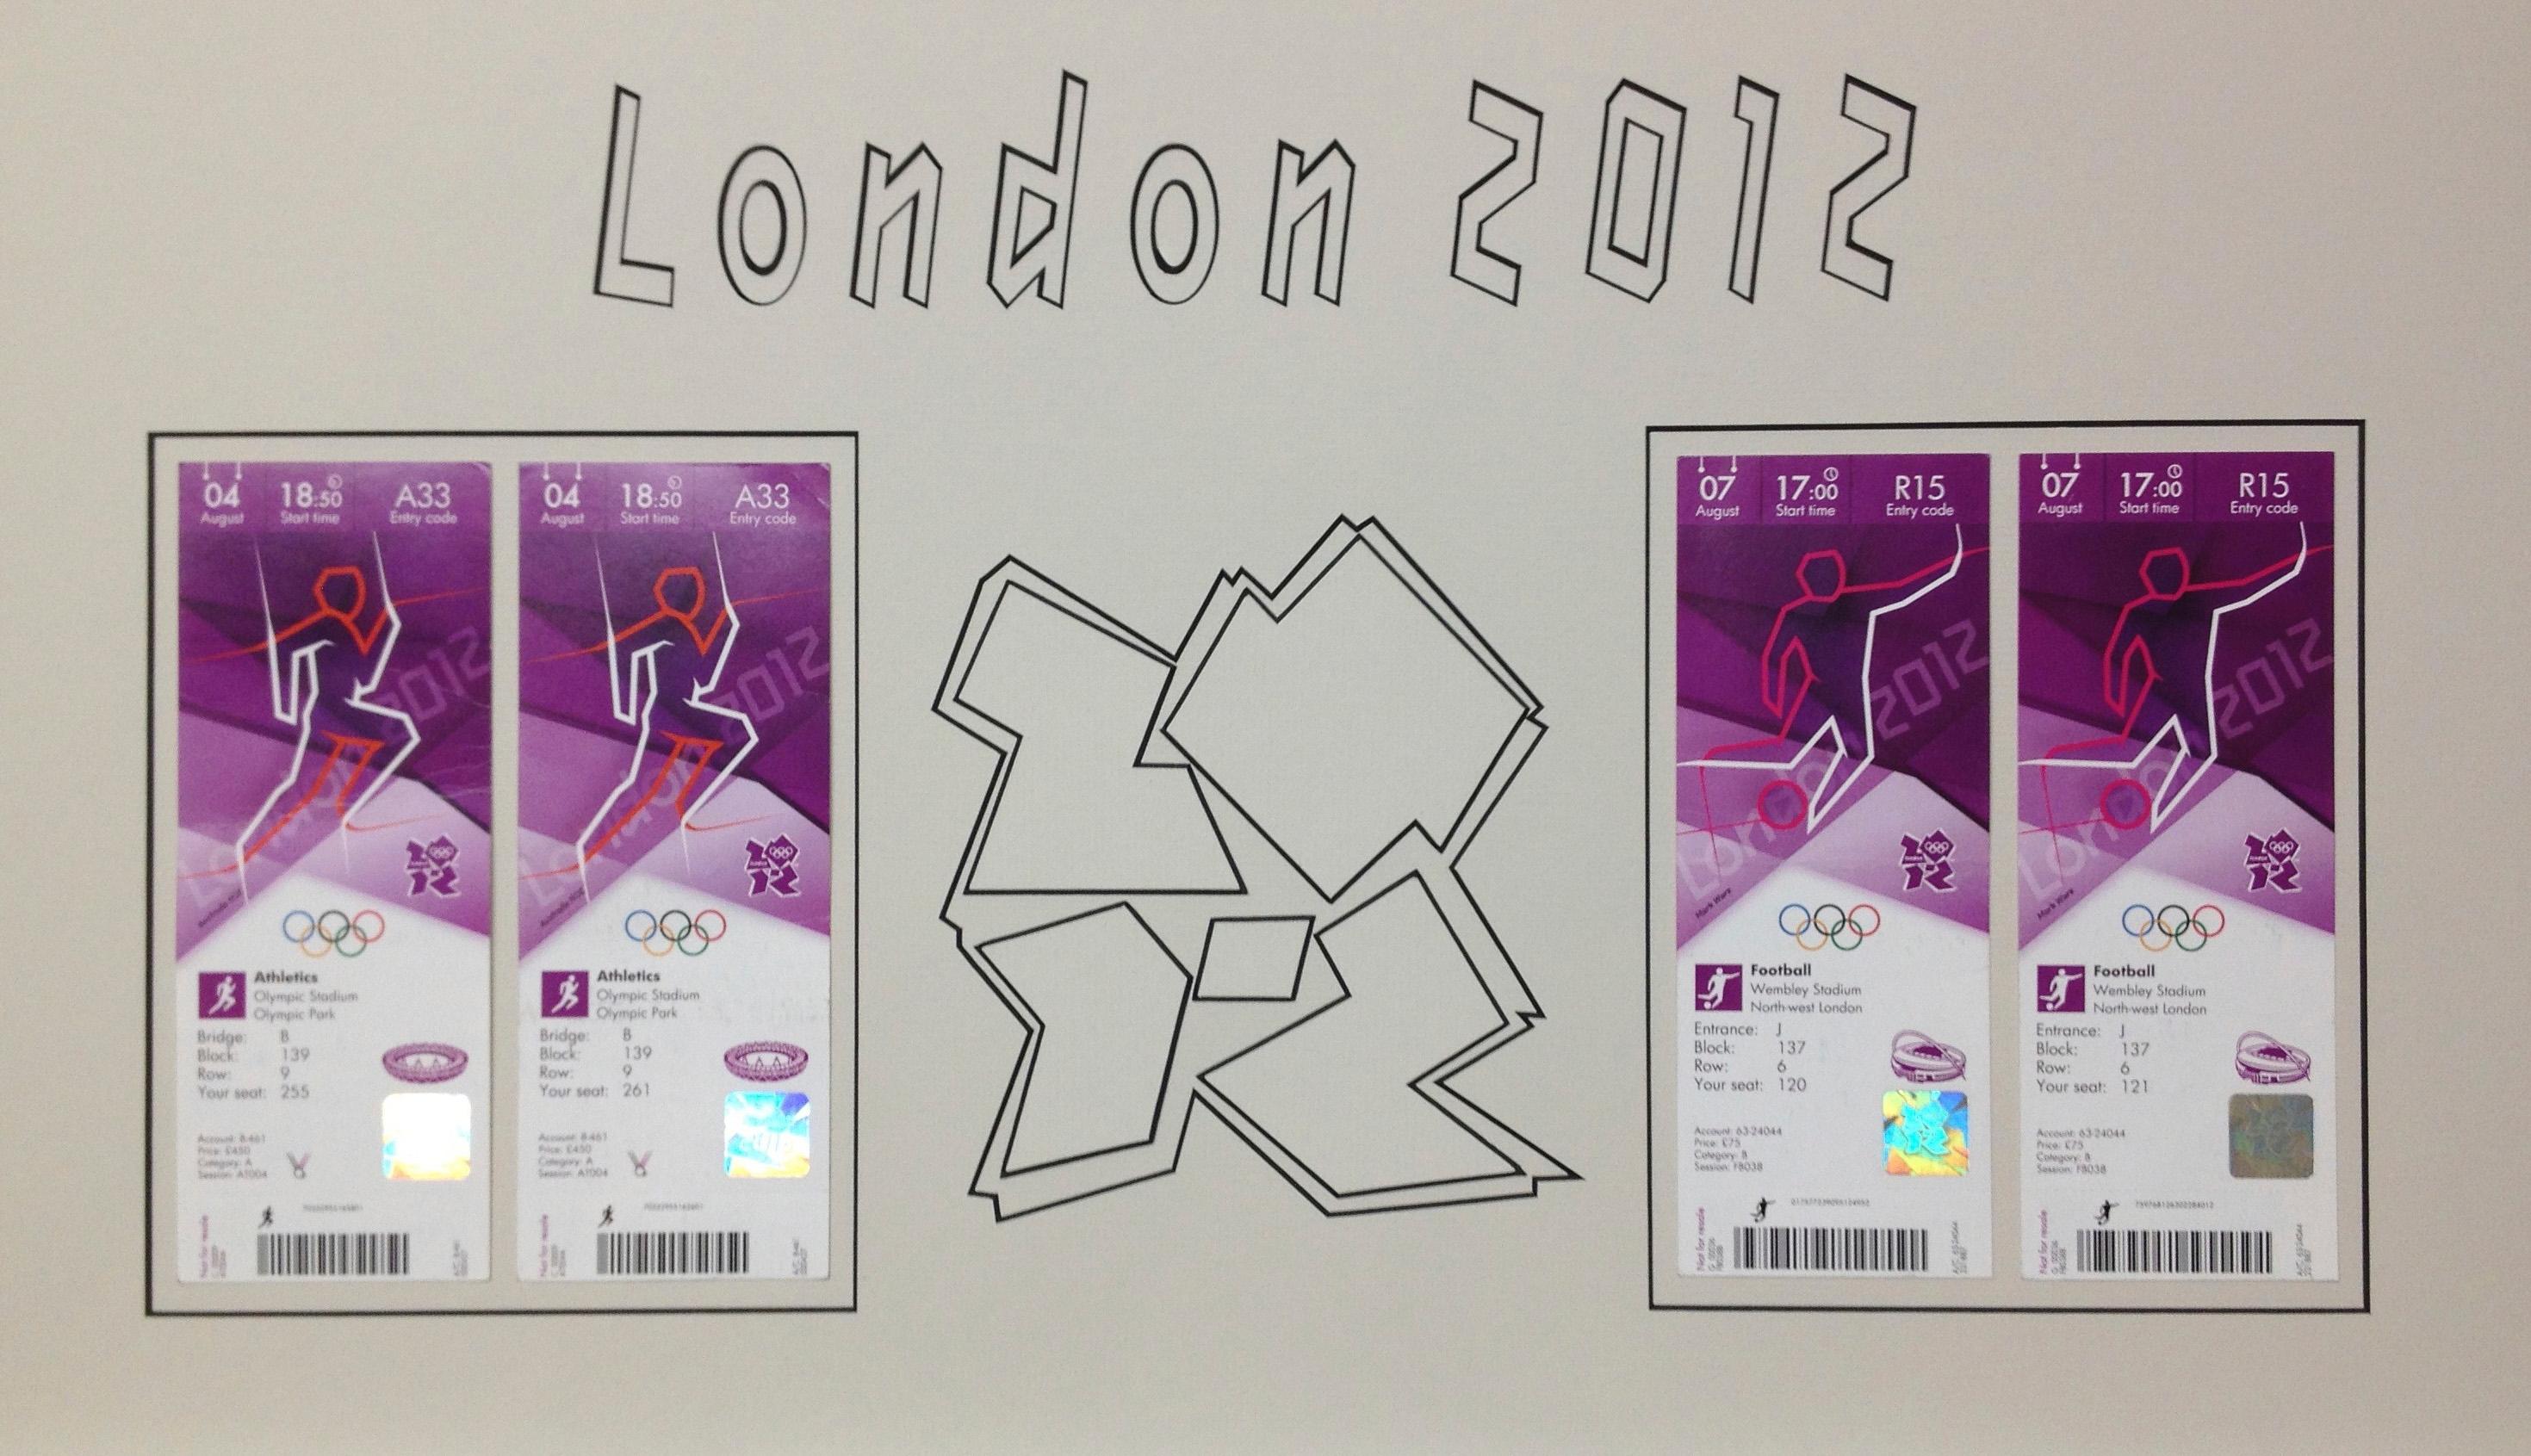 Custom-cut art for 2012 Olympics memorabilia